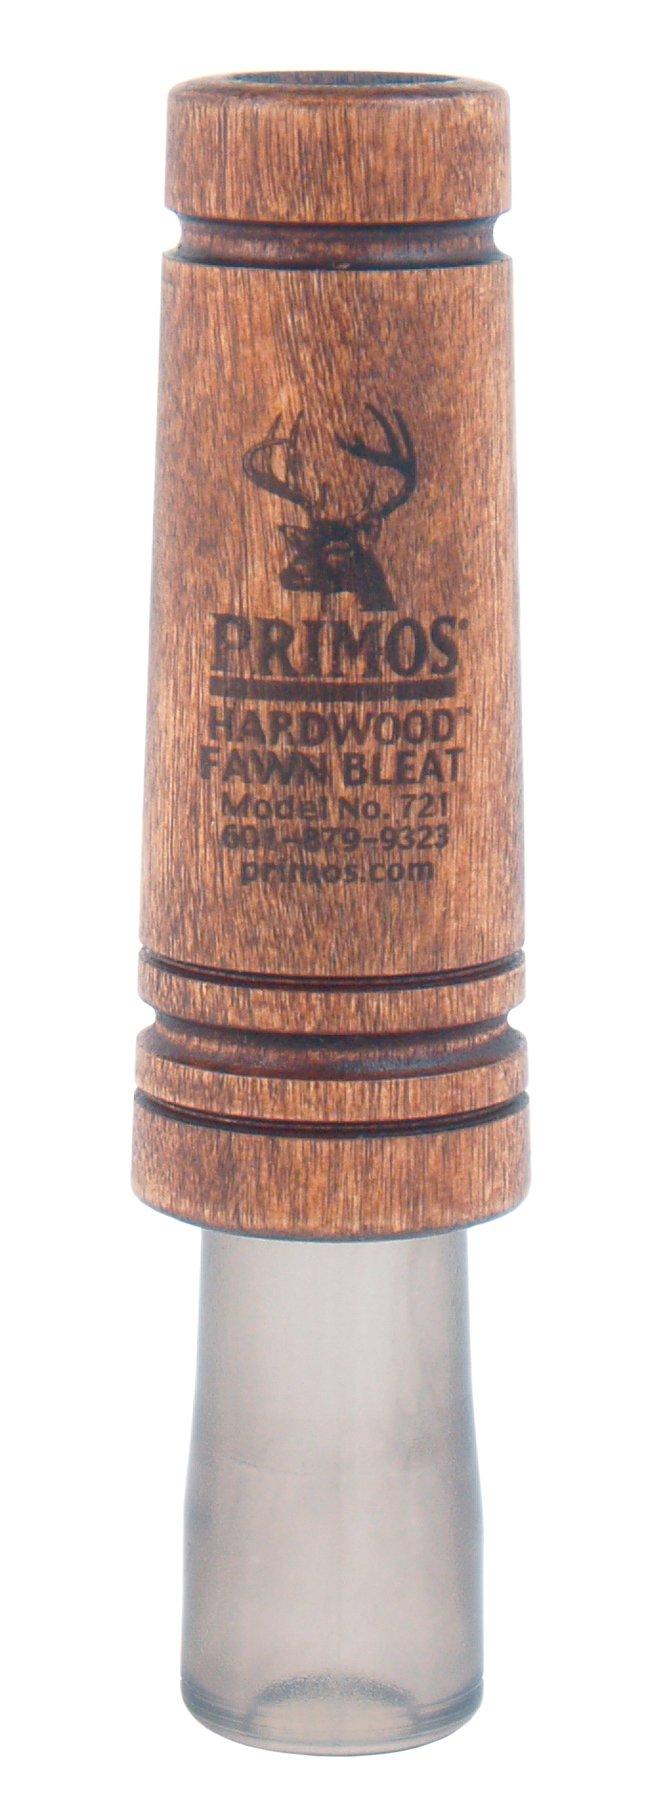 Primos Hardwood Fawn Bleat Call